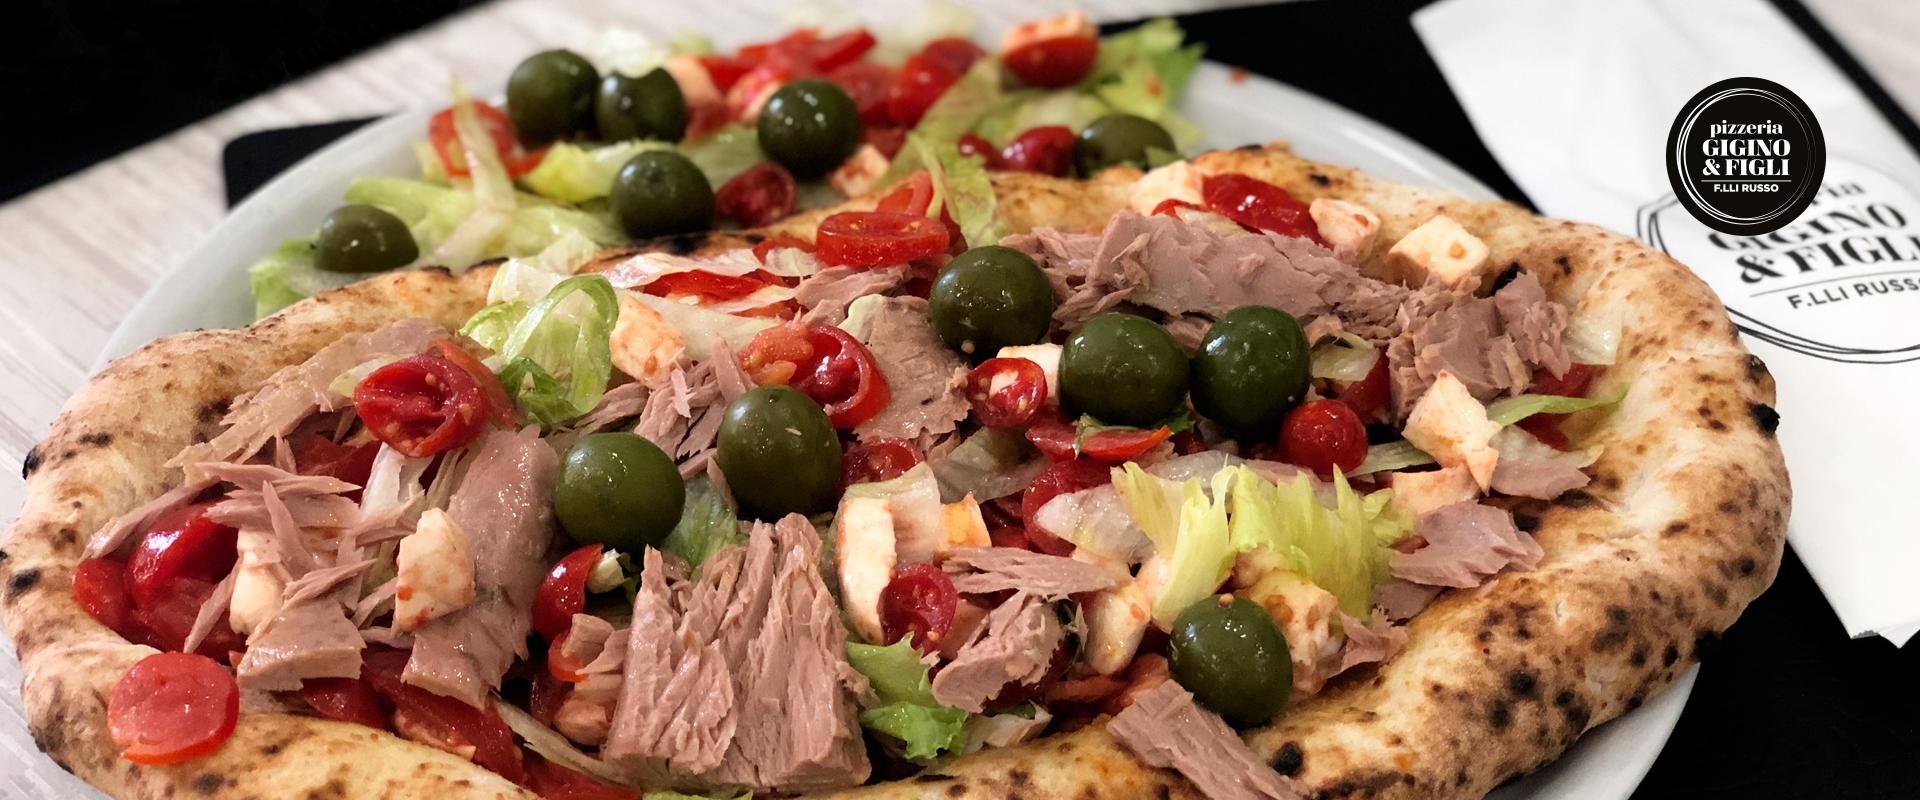 Bruschettone, la pizza a forma di bruschetta di agosto della pizzeria di Napoli Gigino&Figli